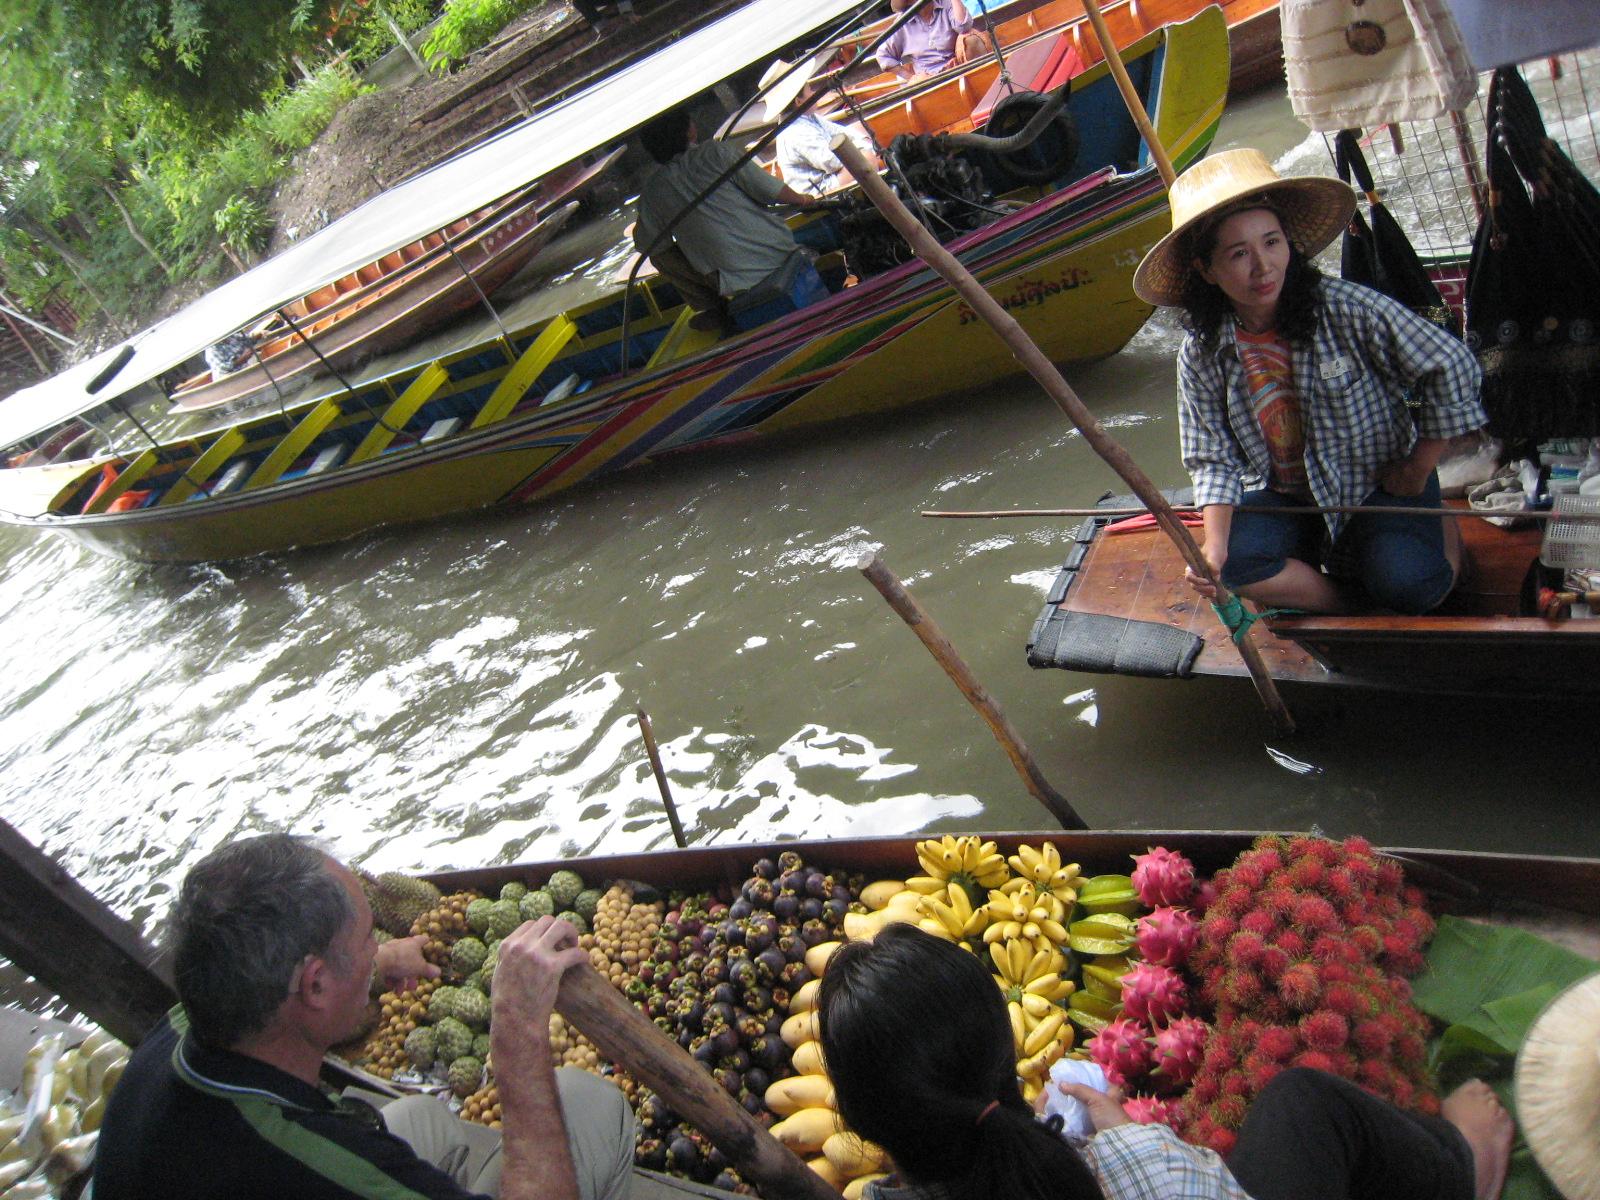 タイ旅行記③バンコク 水上マーケットをブログで感想紹介